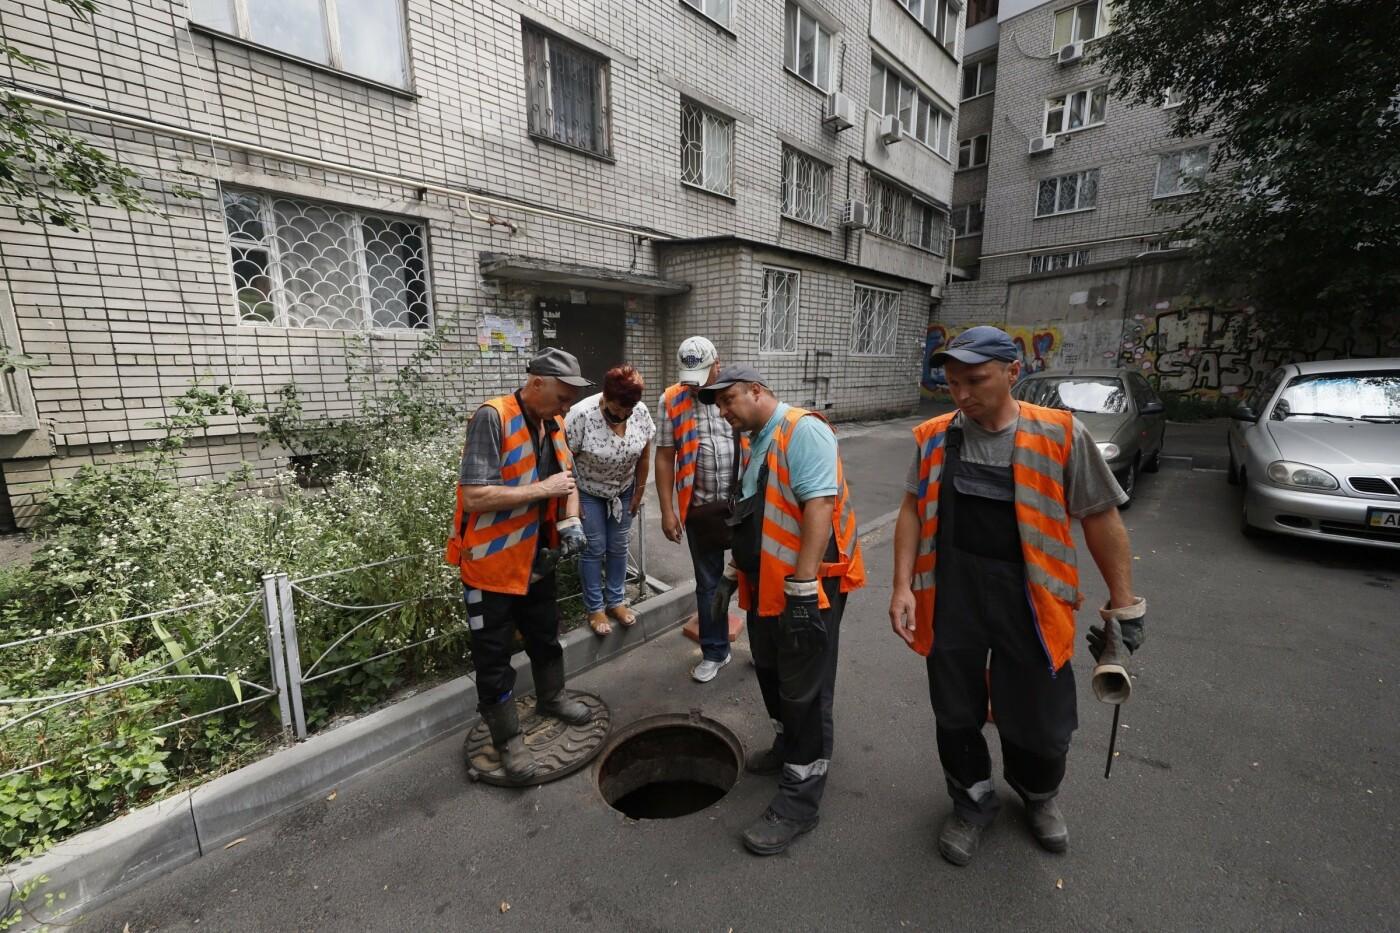 Борис Филатов: Контакт-центры Днепра являются передовой борьбой с коммунальными проблемами, фото-4